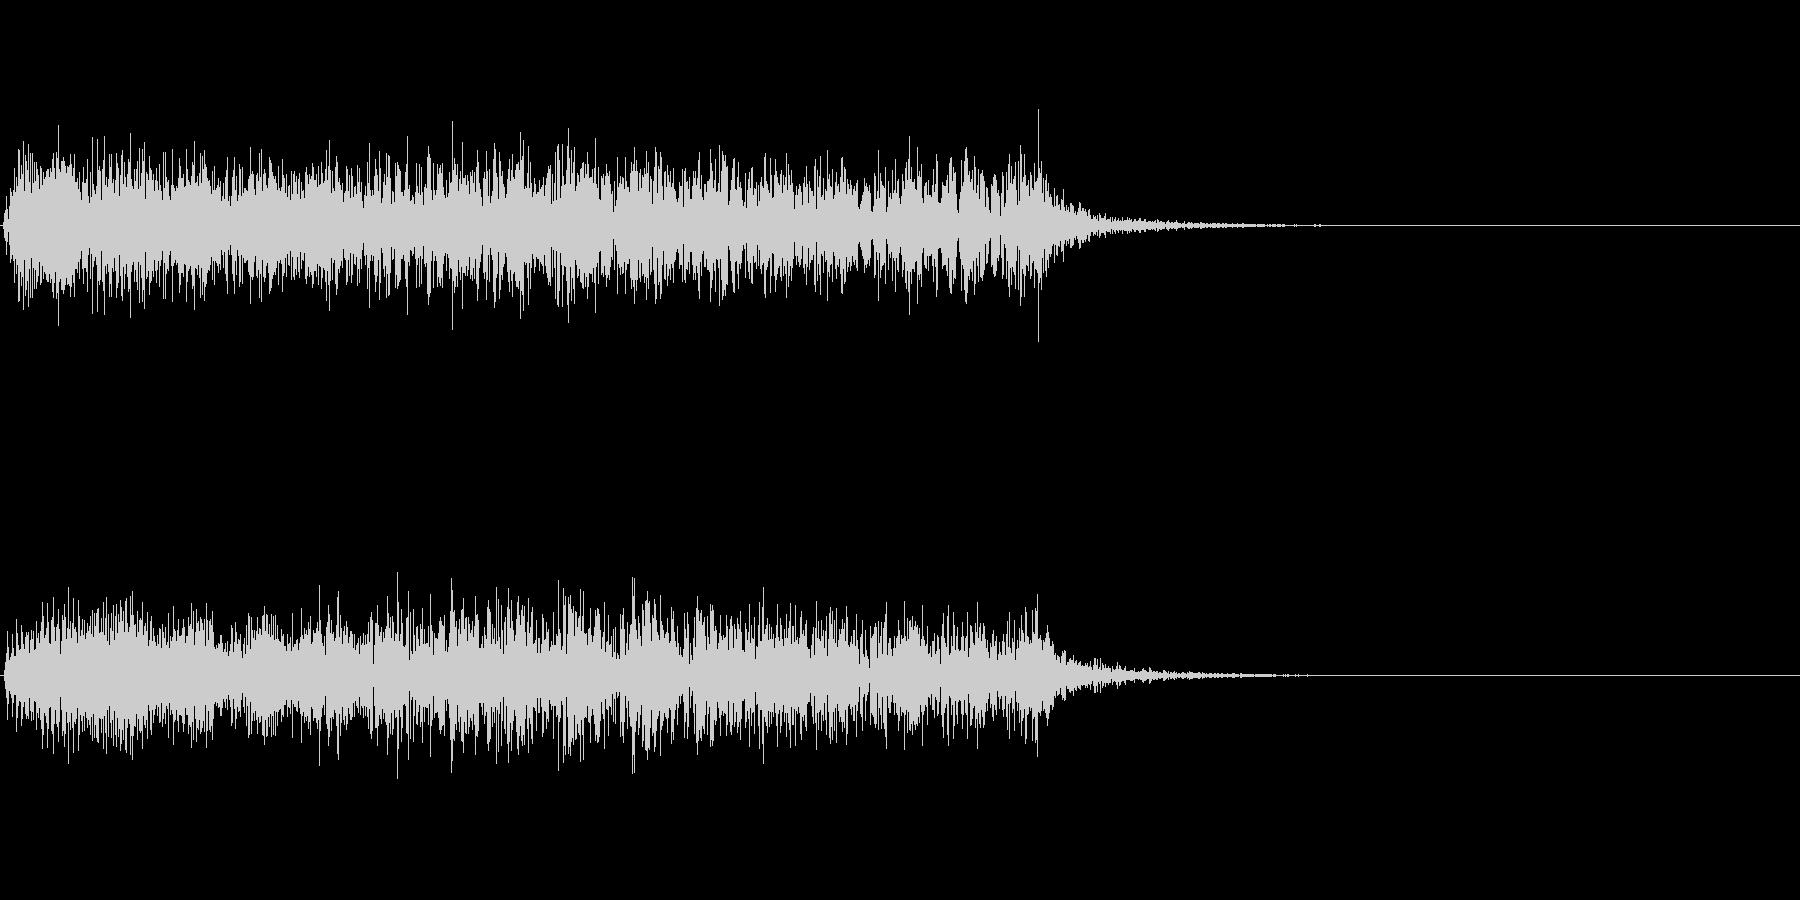 ロボットが壊れて停止するときの音 3の未再生の波形